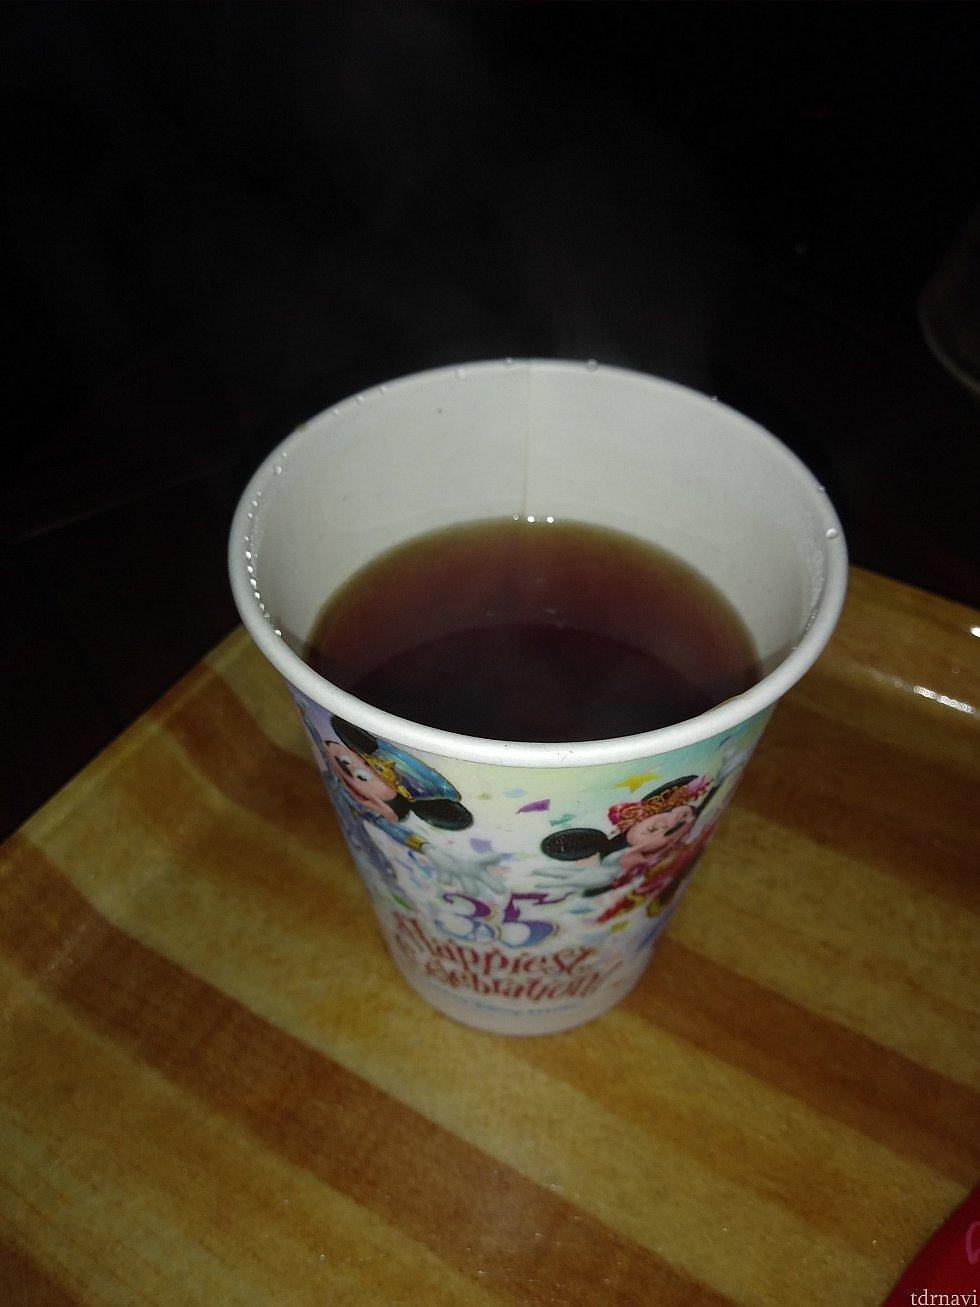 ドリンクは紅茶にしました😄